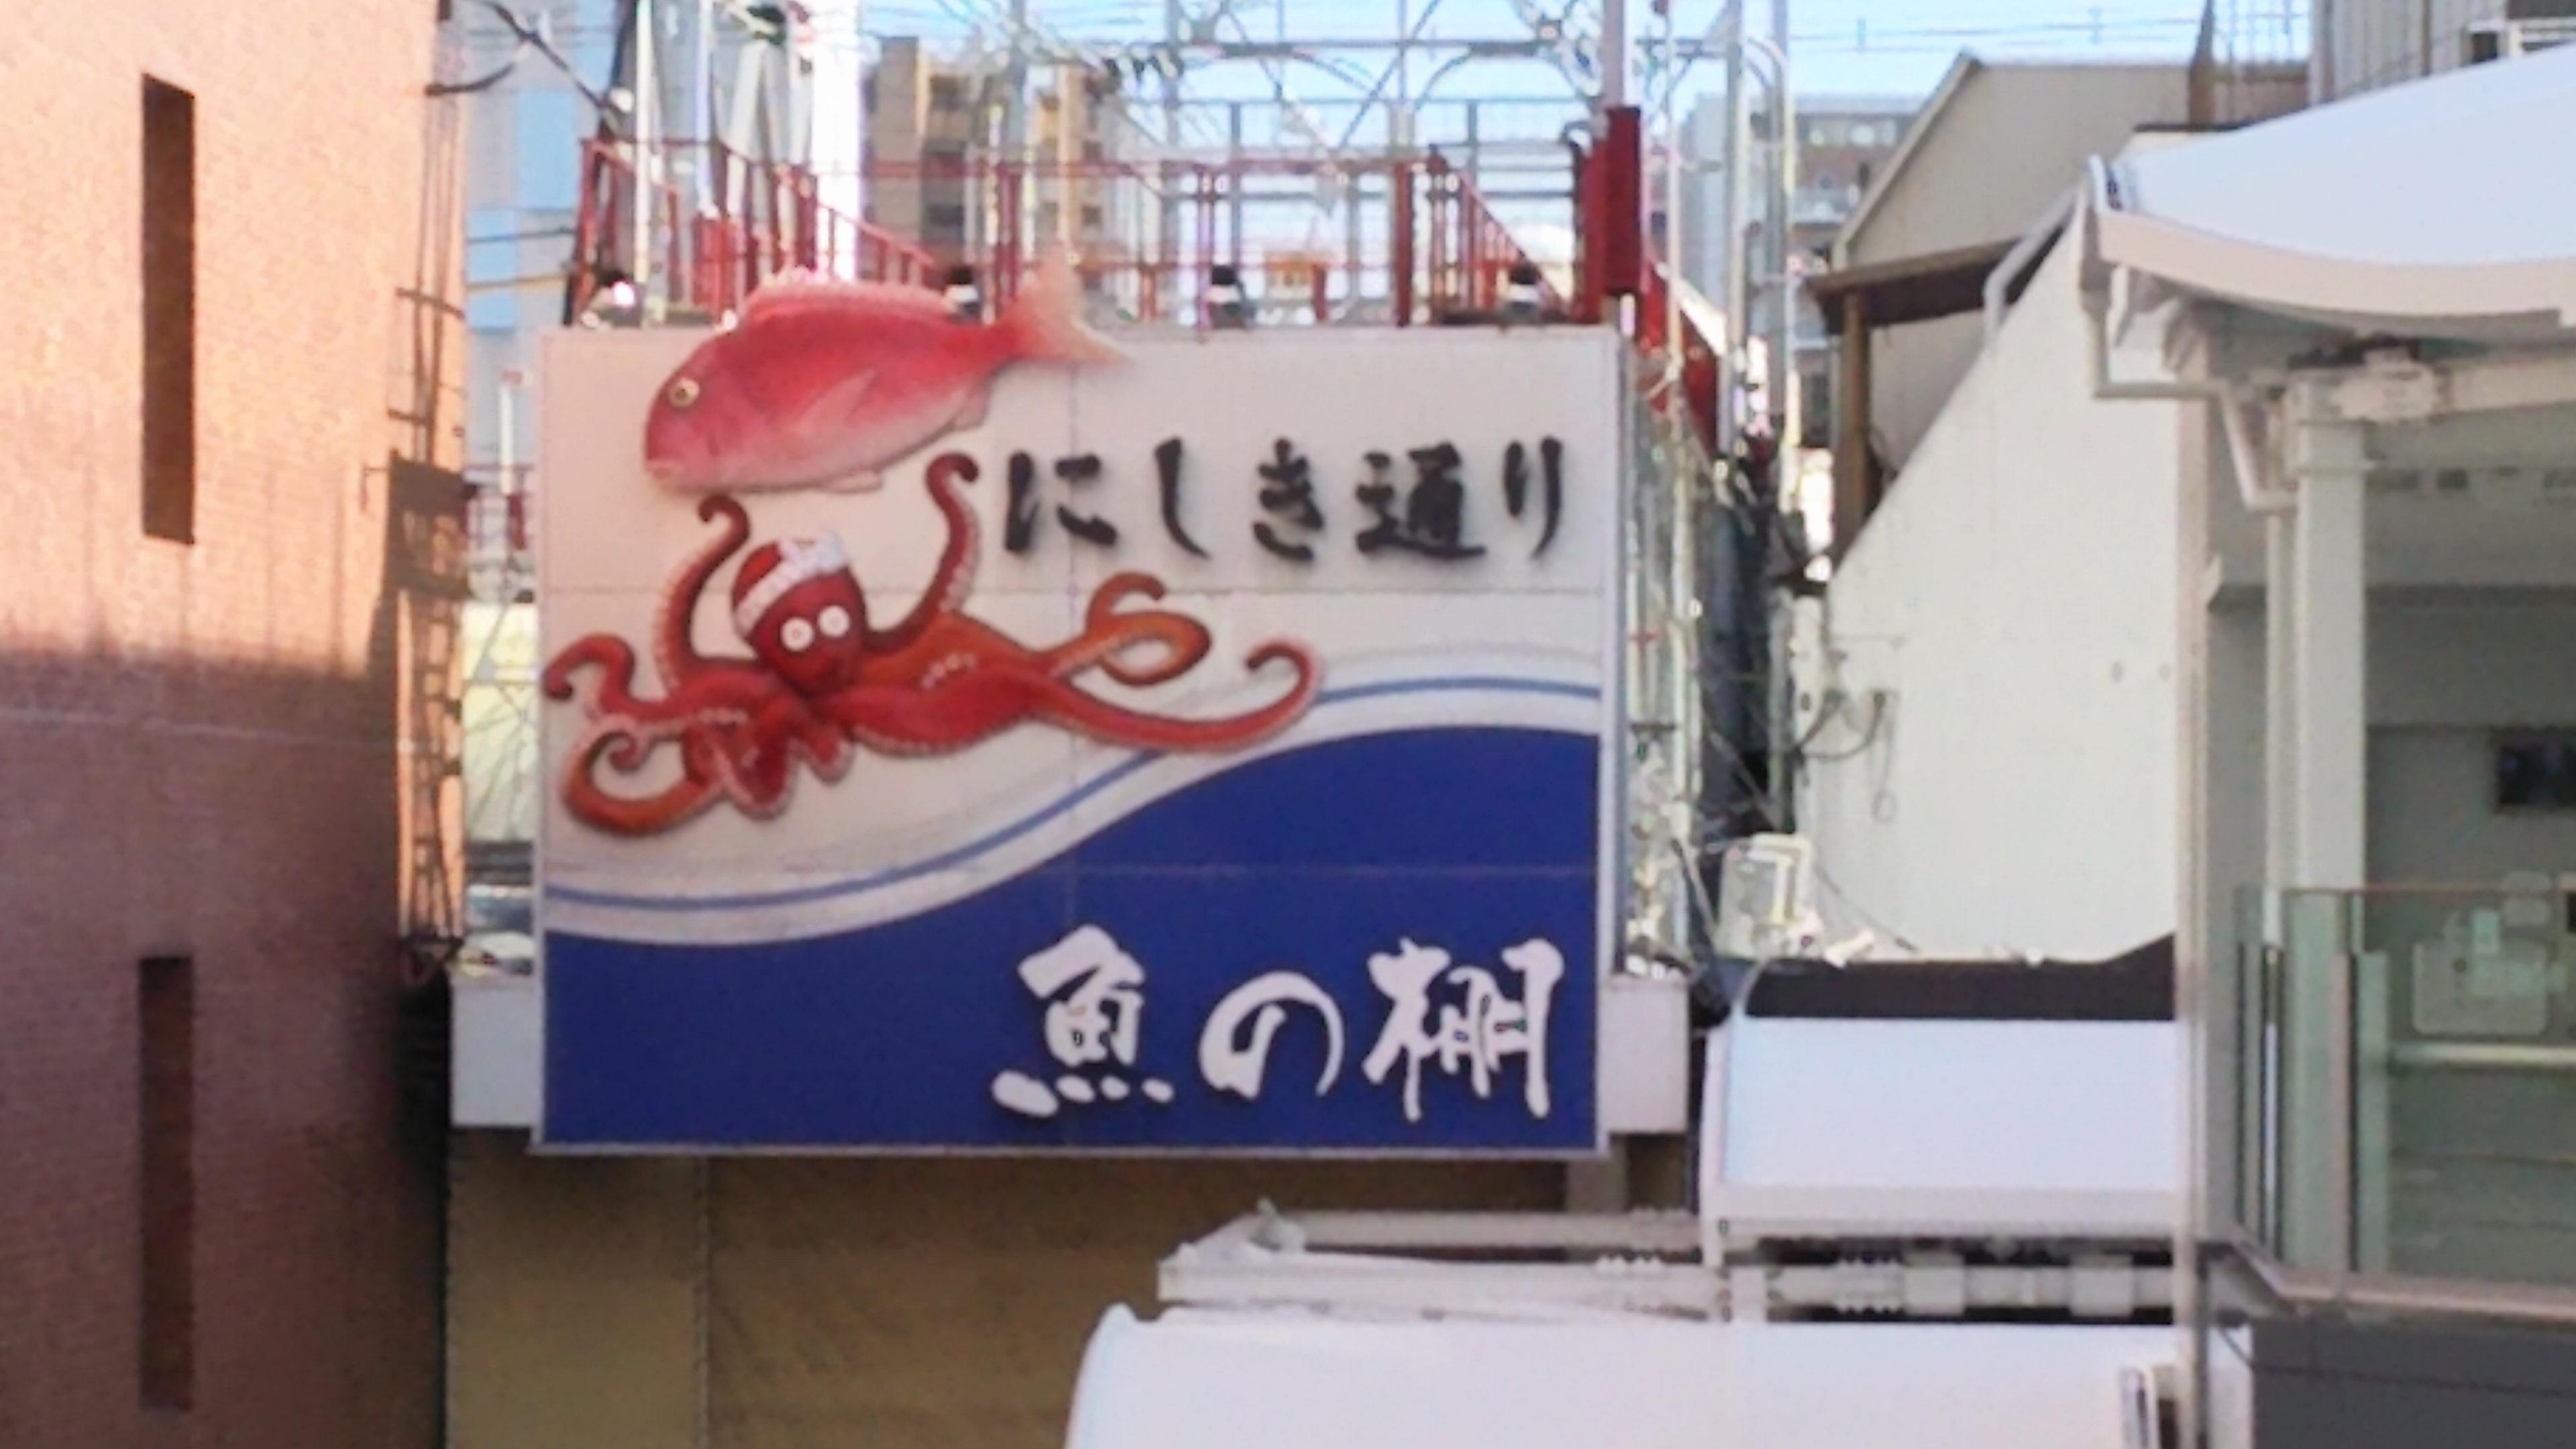 富田林,大阪狭山市にお住まいで楽しく食べ歩きがしたい方はくめ鍼灸整骨院へ